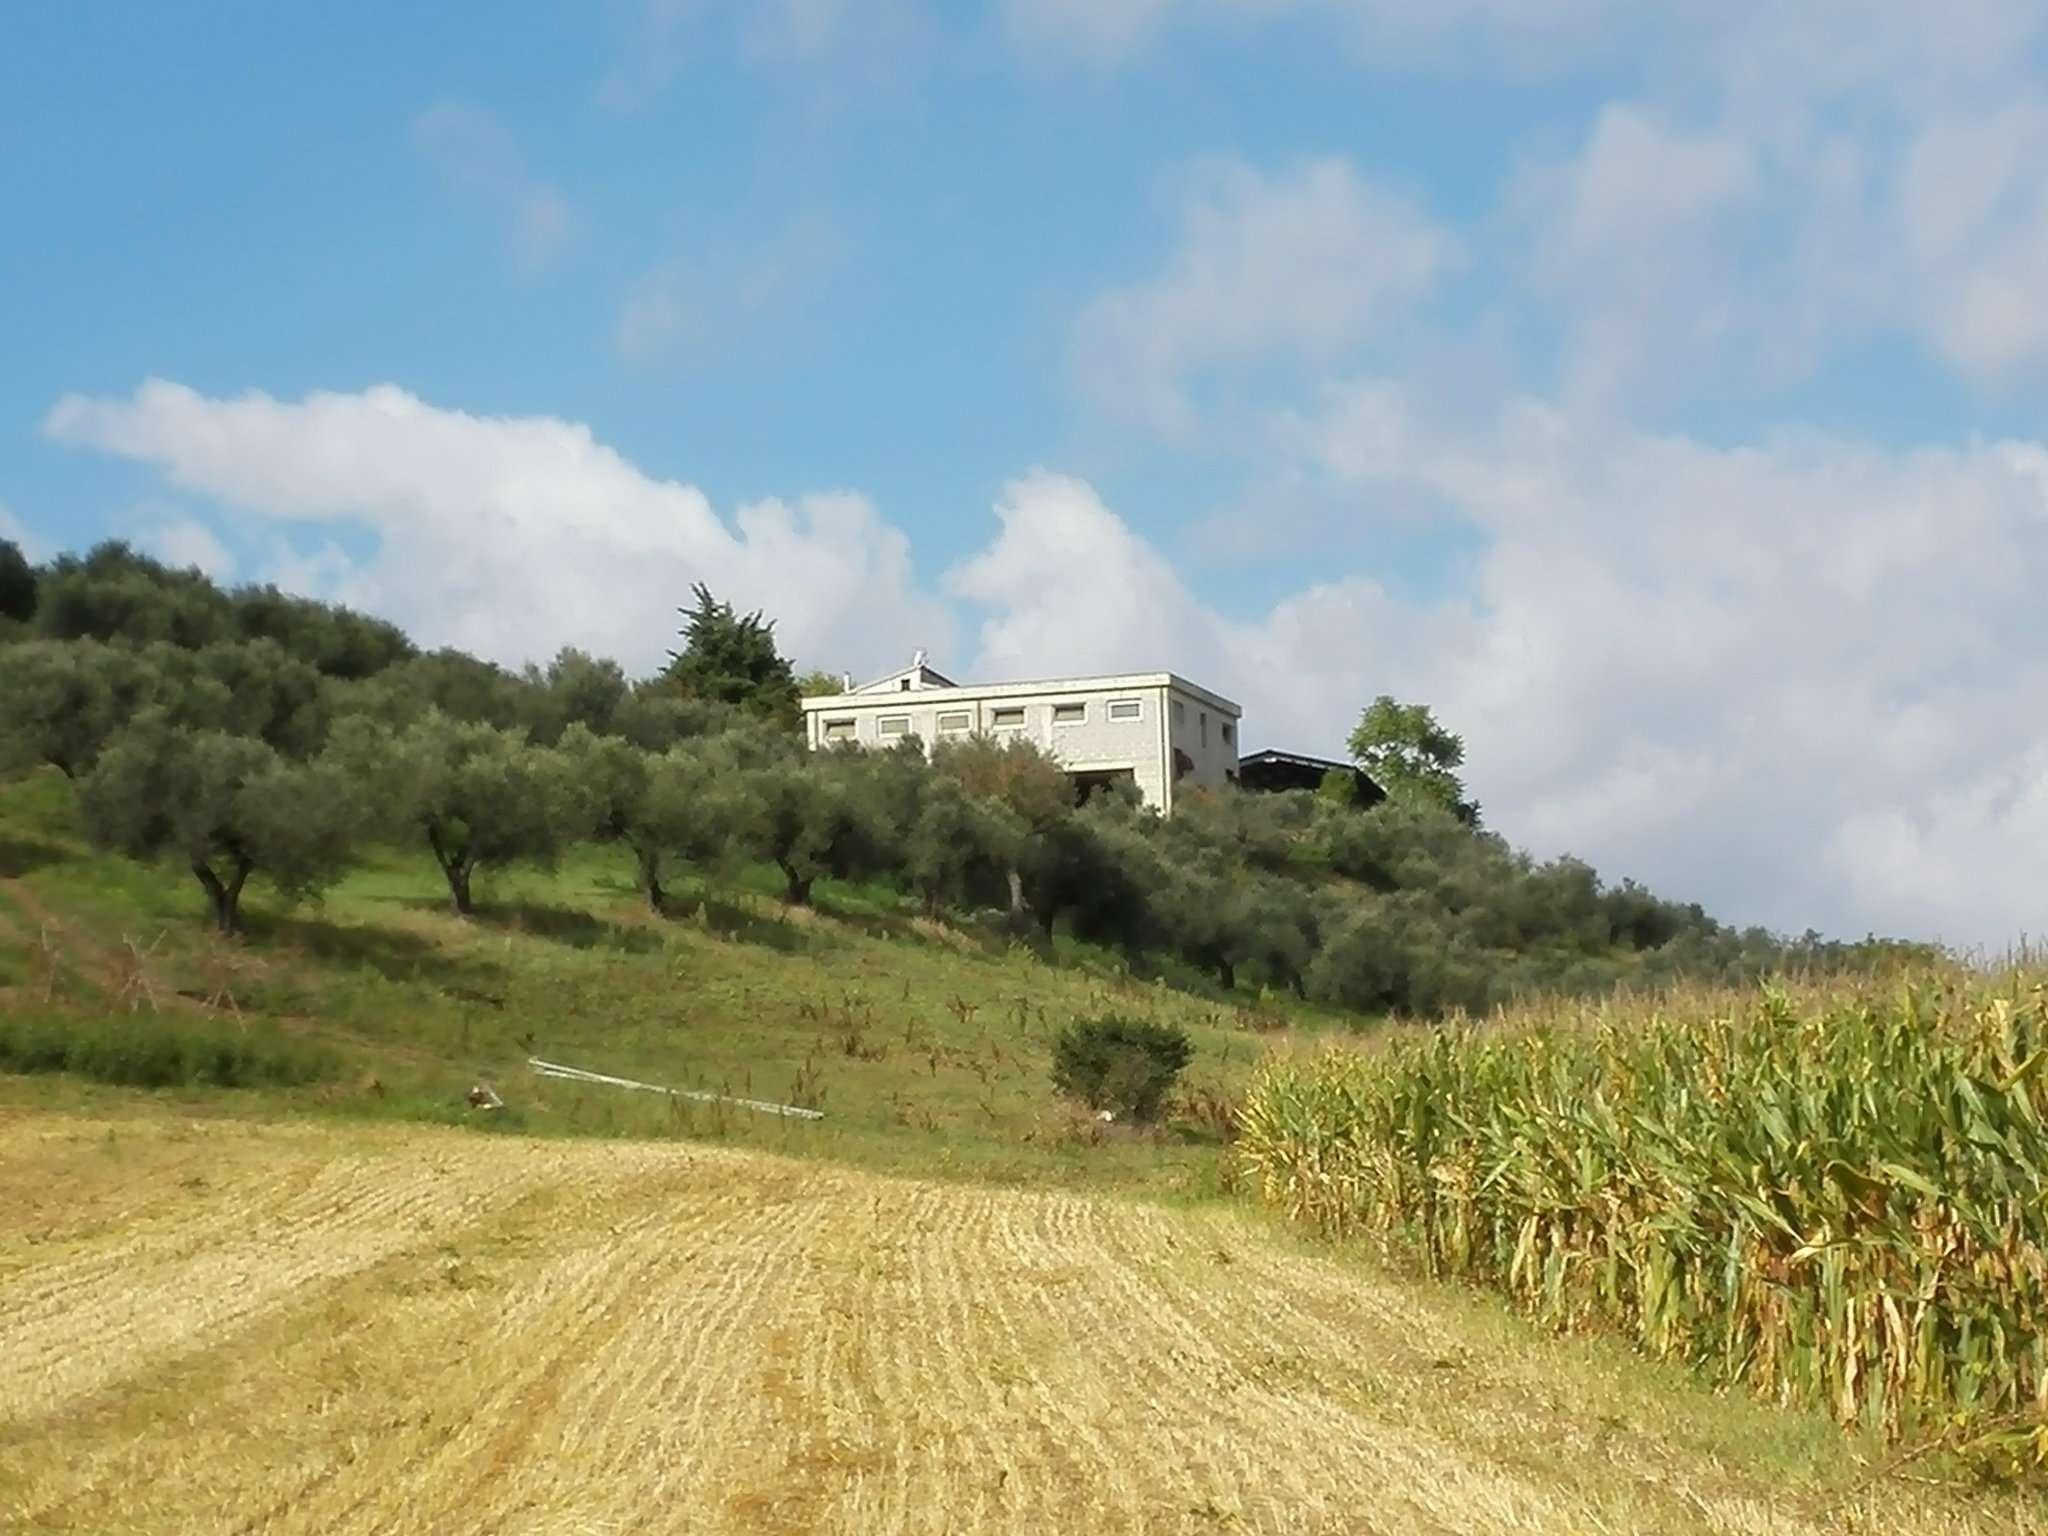 COLLECORVINO CONTRADA CASTELLUCCIO AFFITTASI CAPANNONE AGRICOLO Rif. 5007120